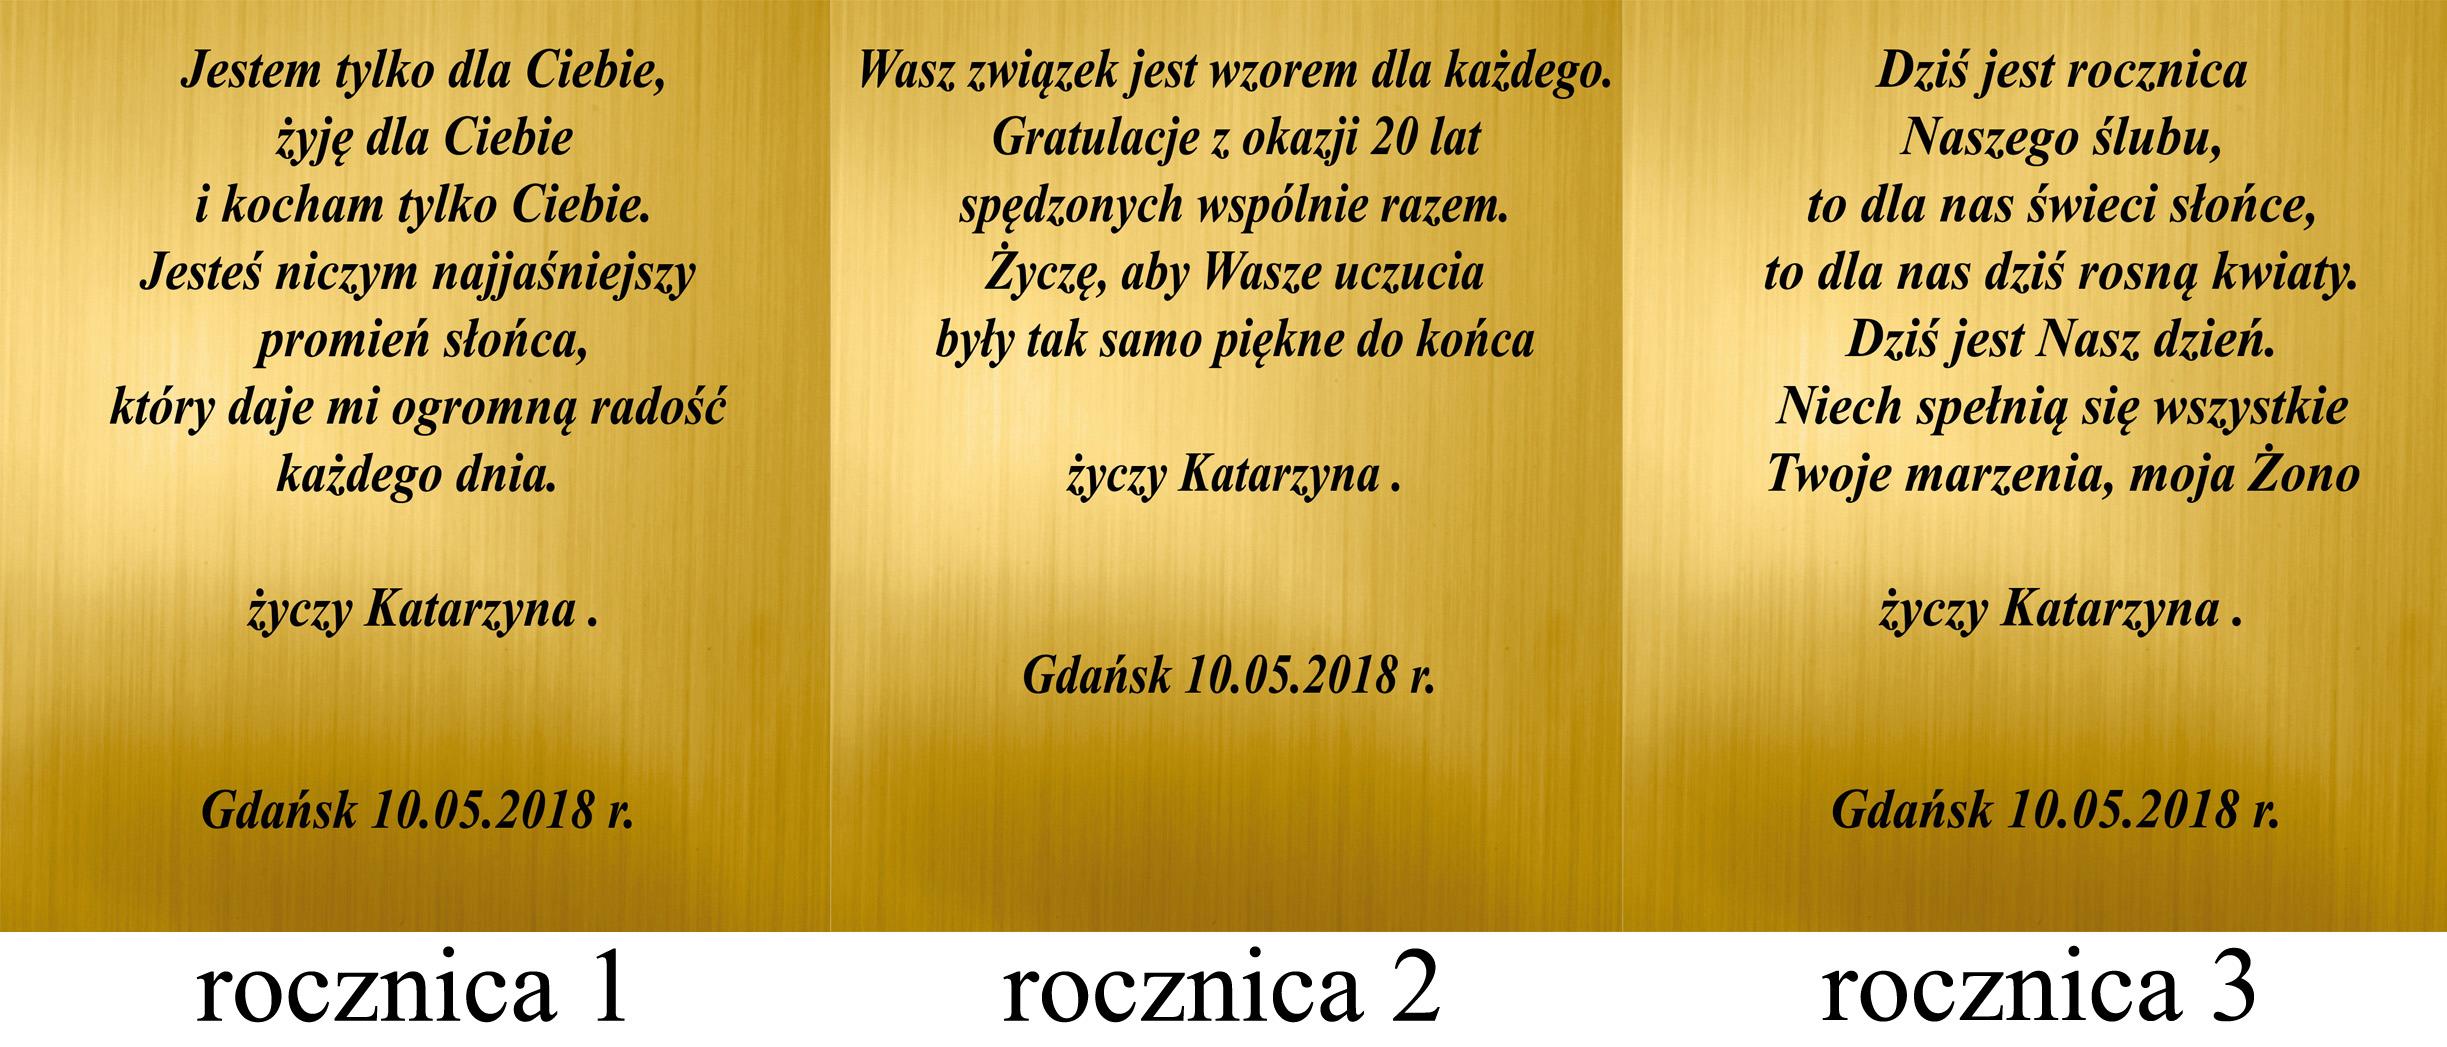 Bransoletka Srebrna OBROŻA GRECKA + GRAWER. S9 8906399681 HZCC0Aki